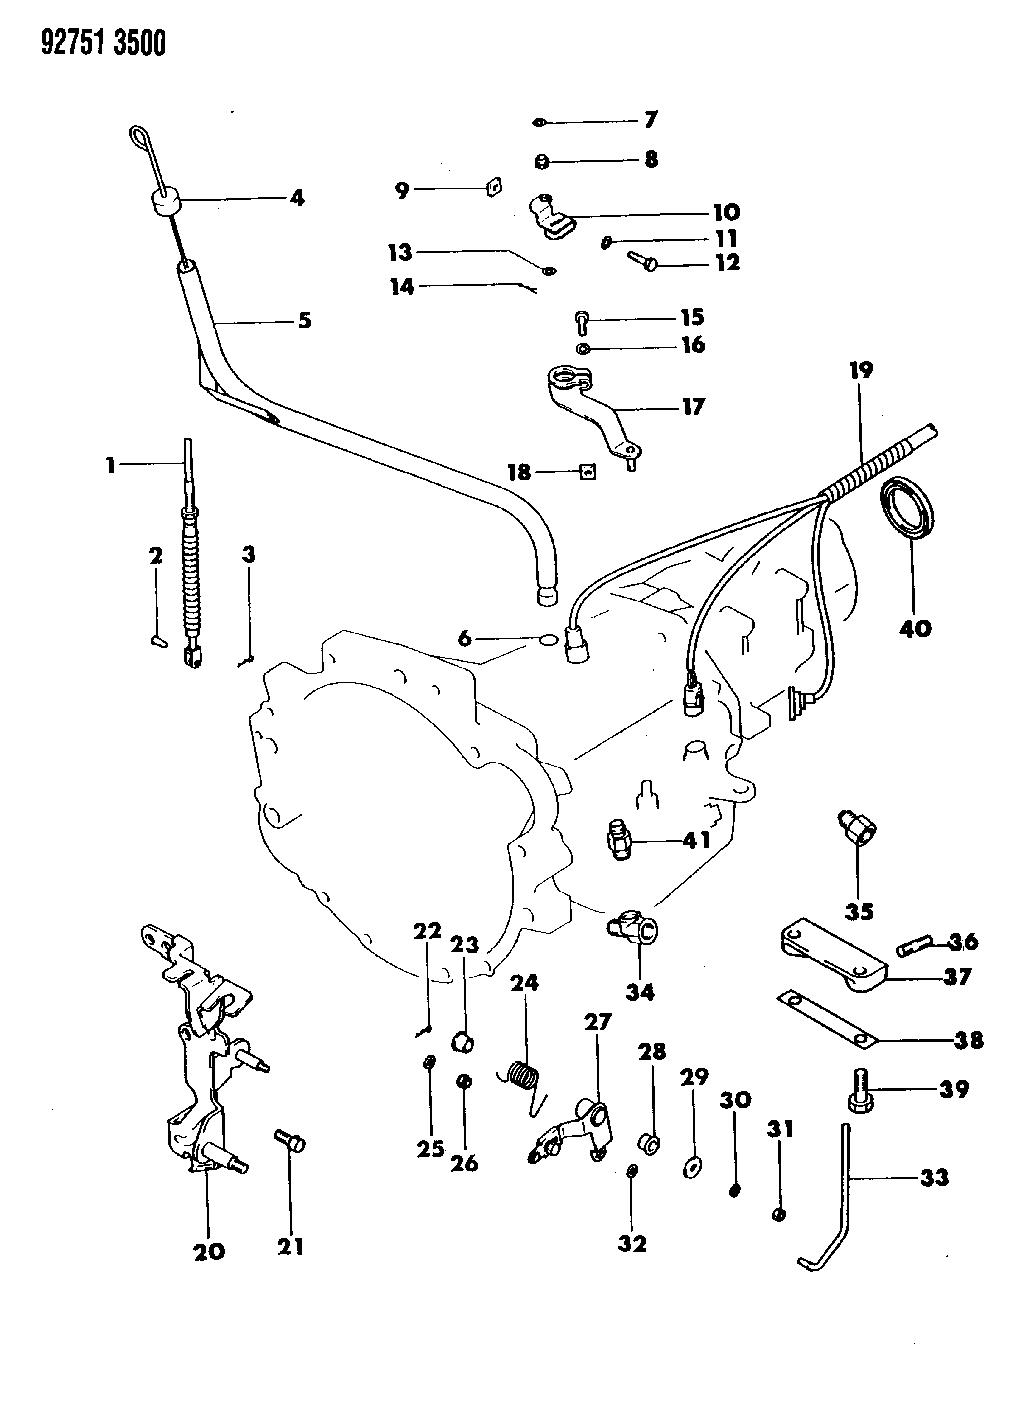 1993 Dodge Colt Transmission Miscellaneous Attaching Parts